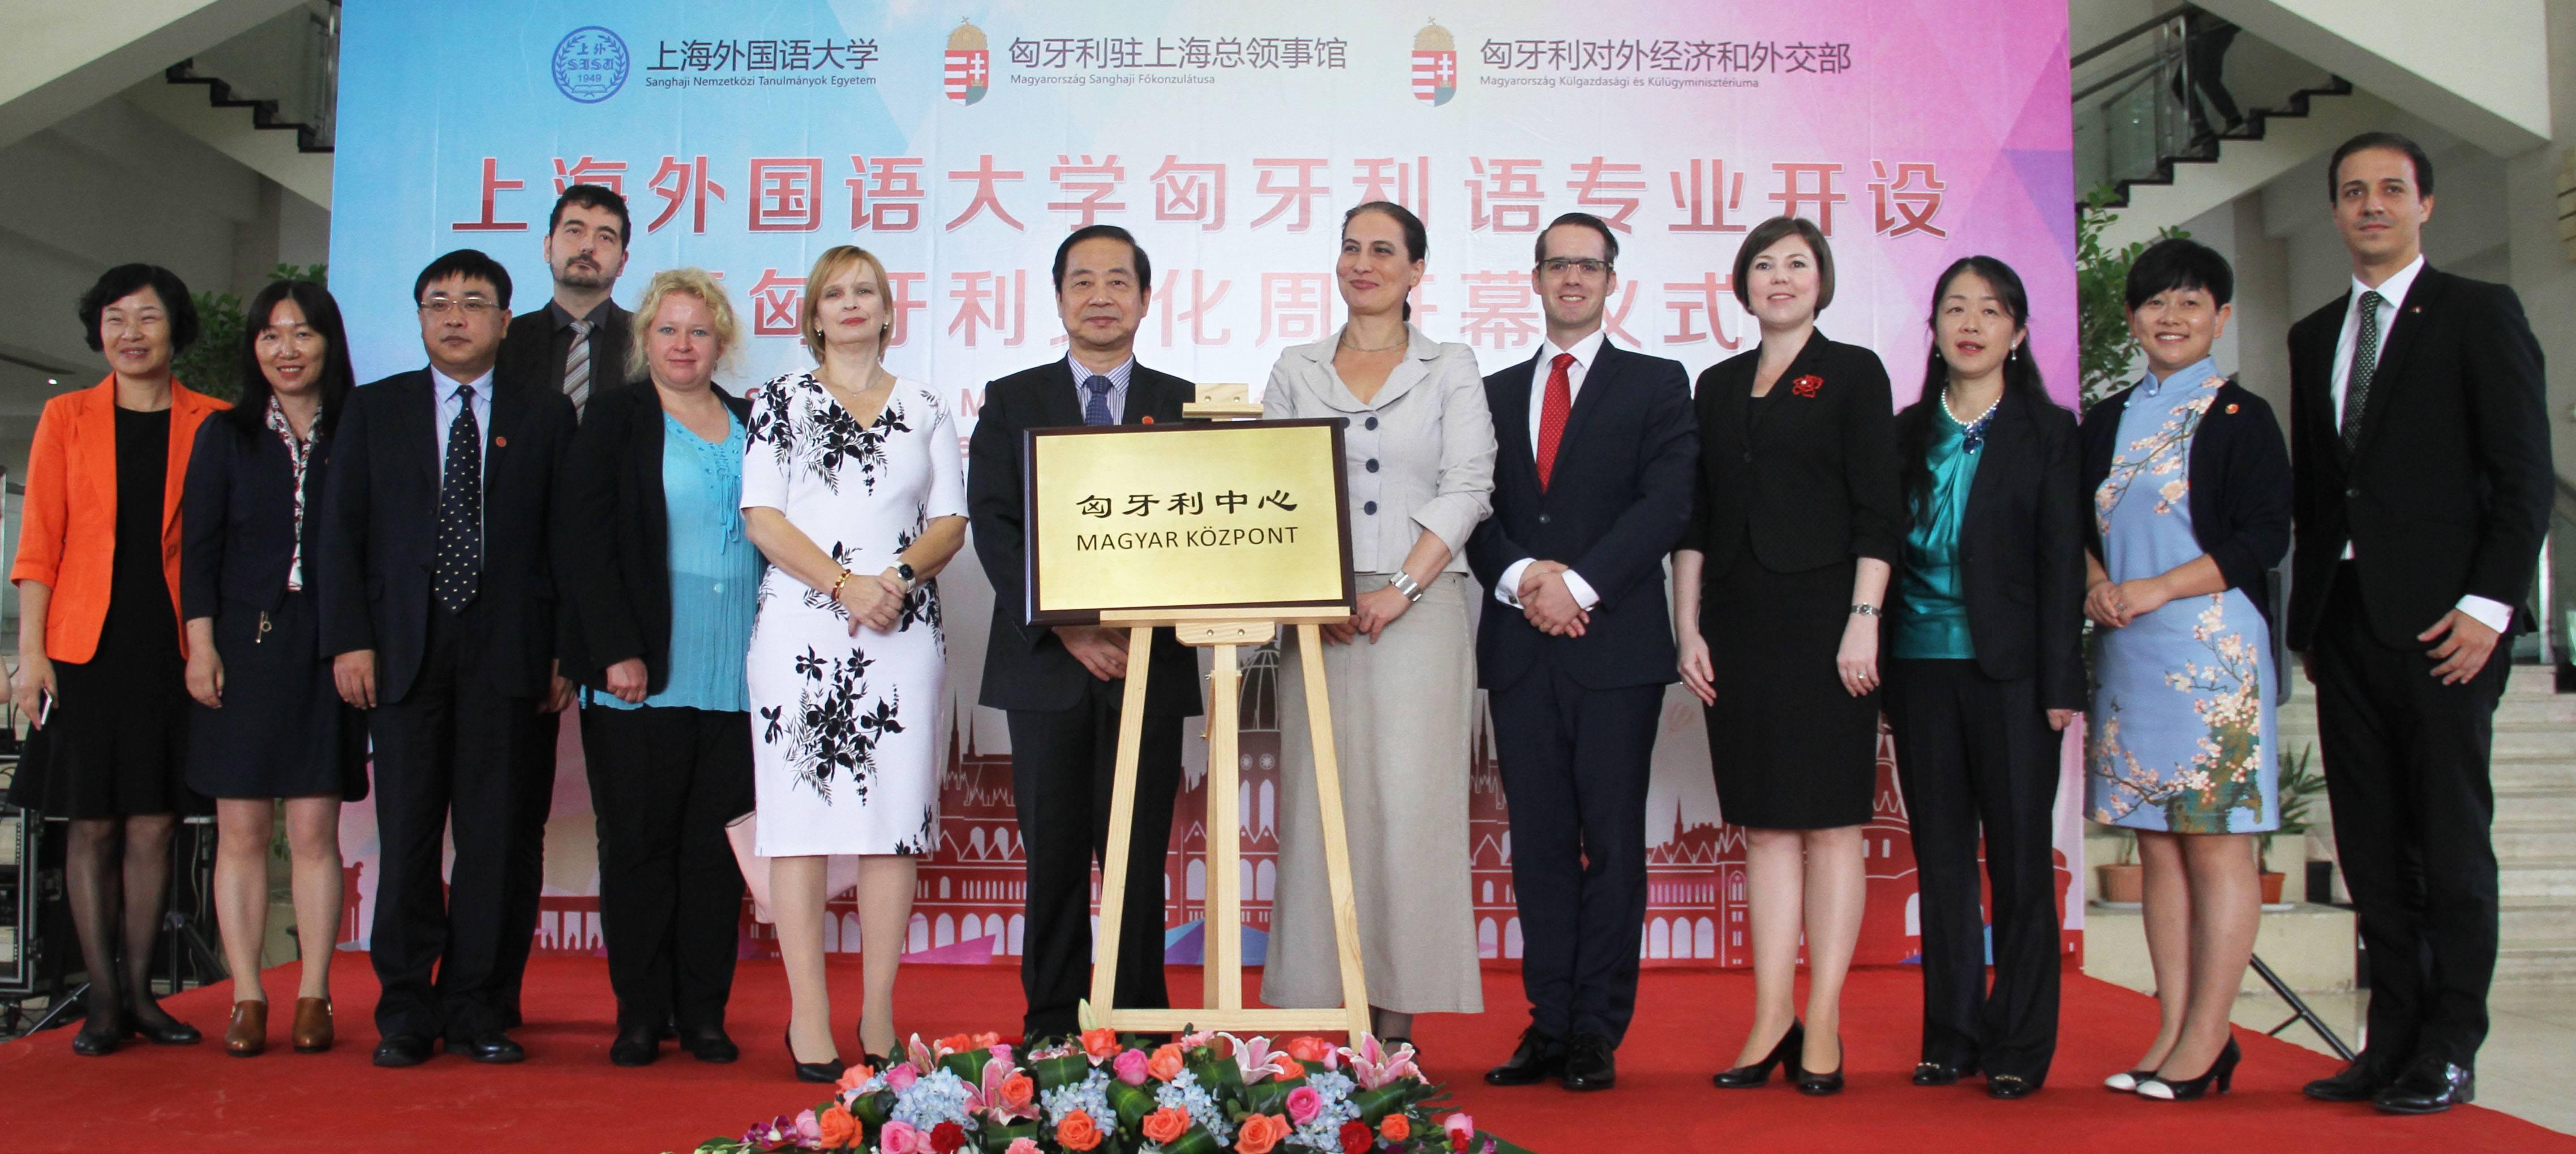 Шанхайский университет иностранных языков / shanghai international studies university (sisu) / 上海外國語大學